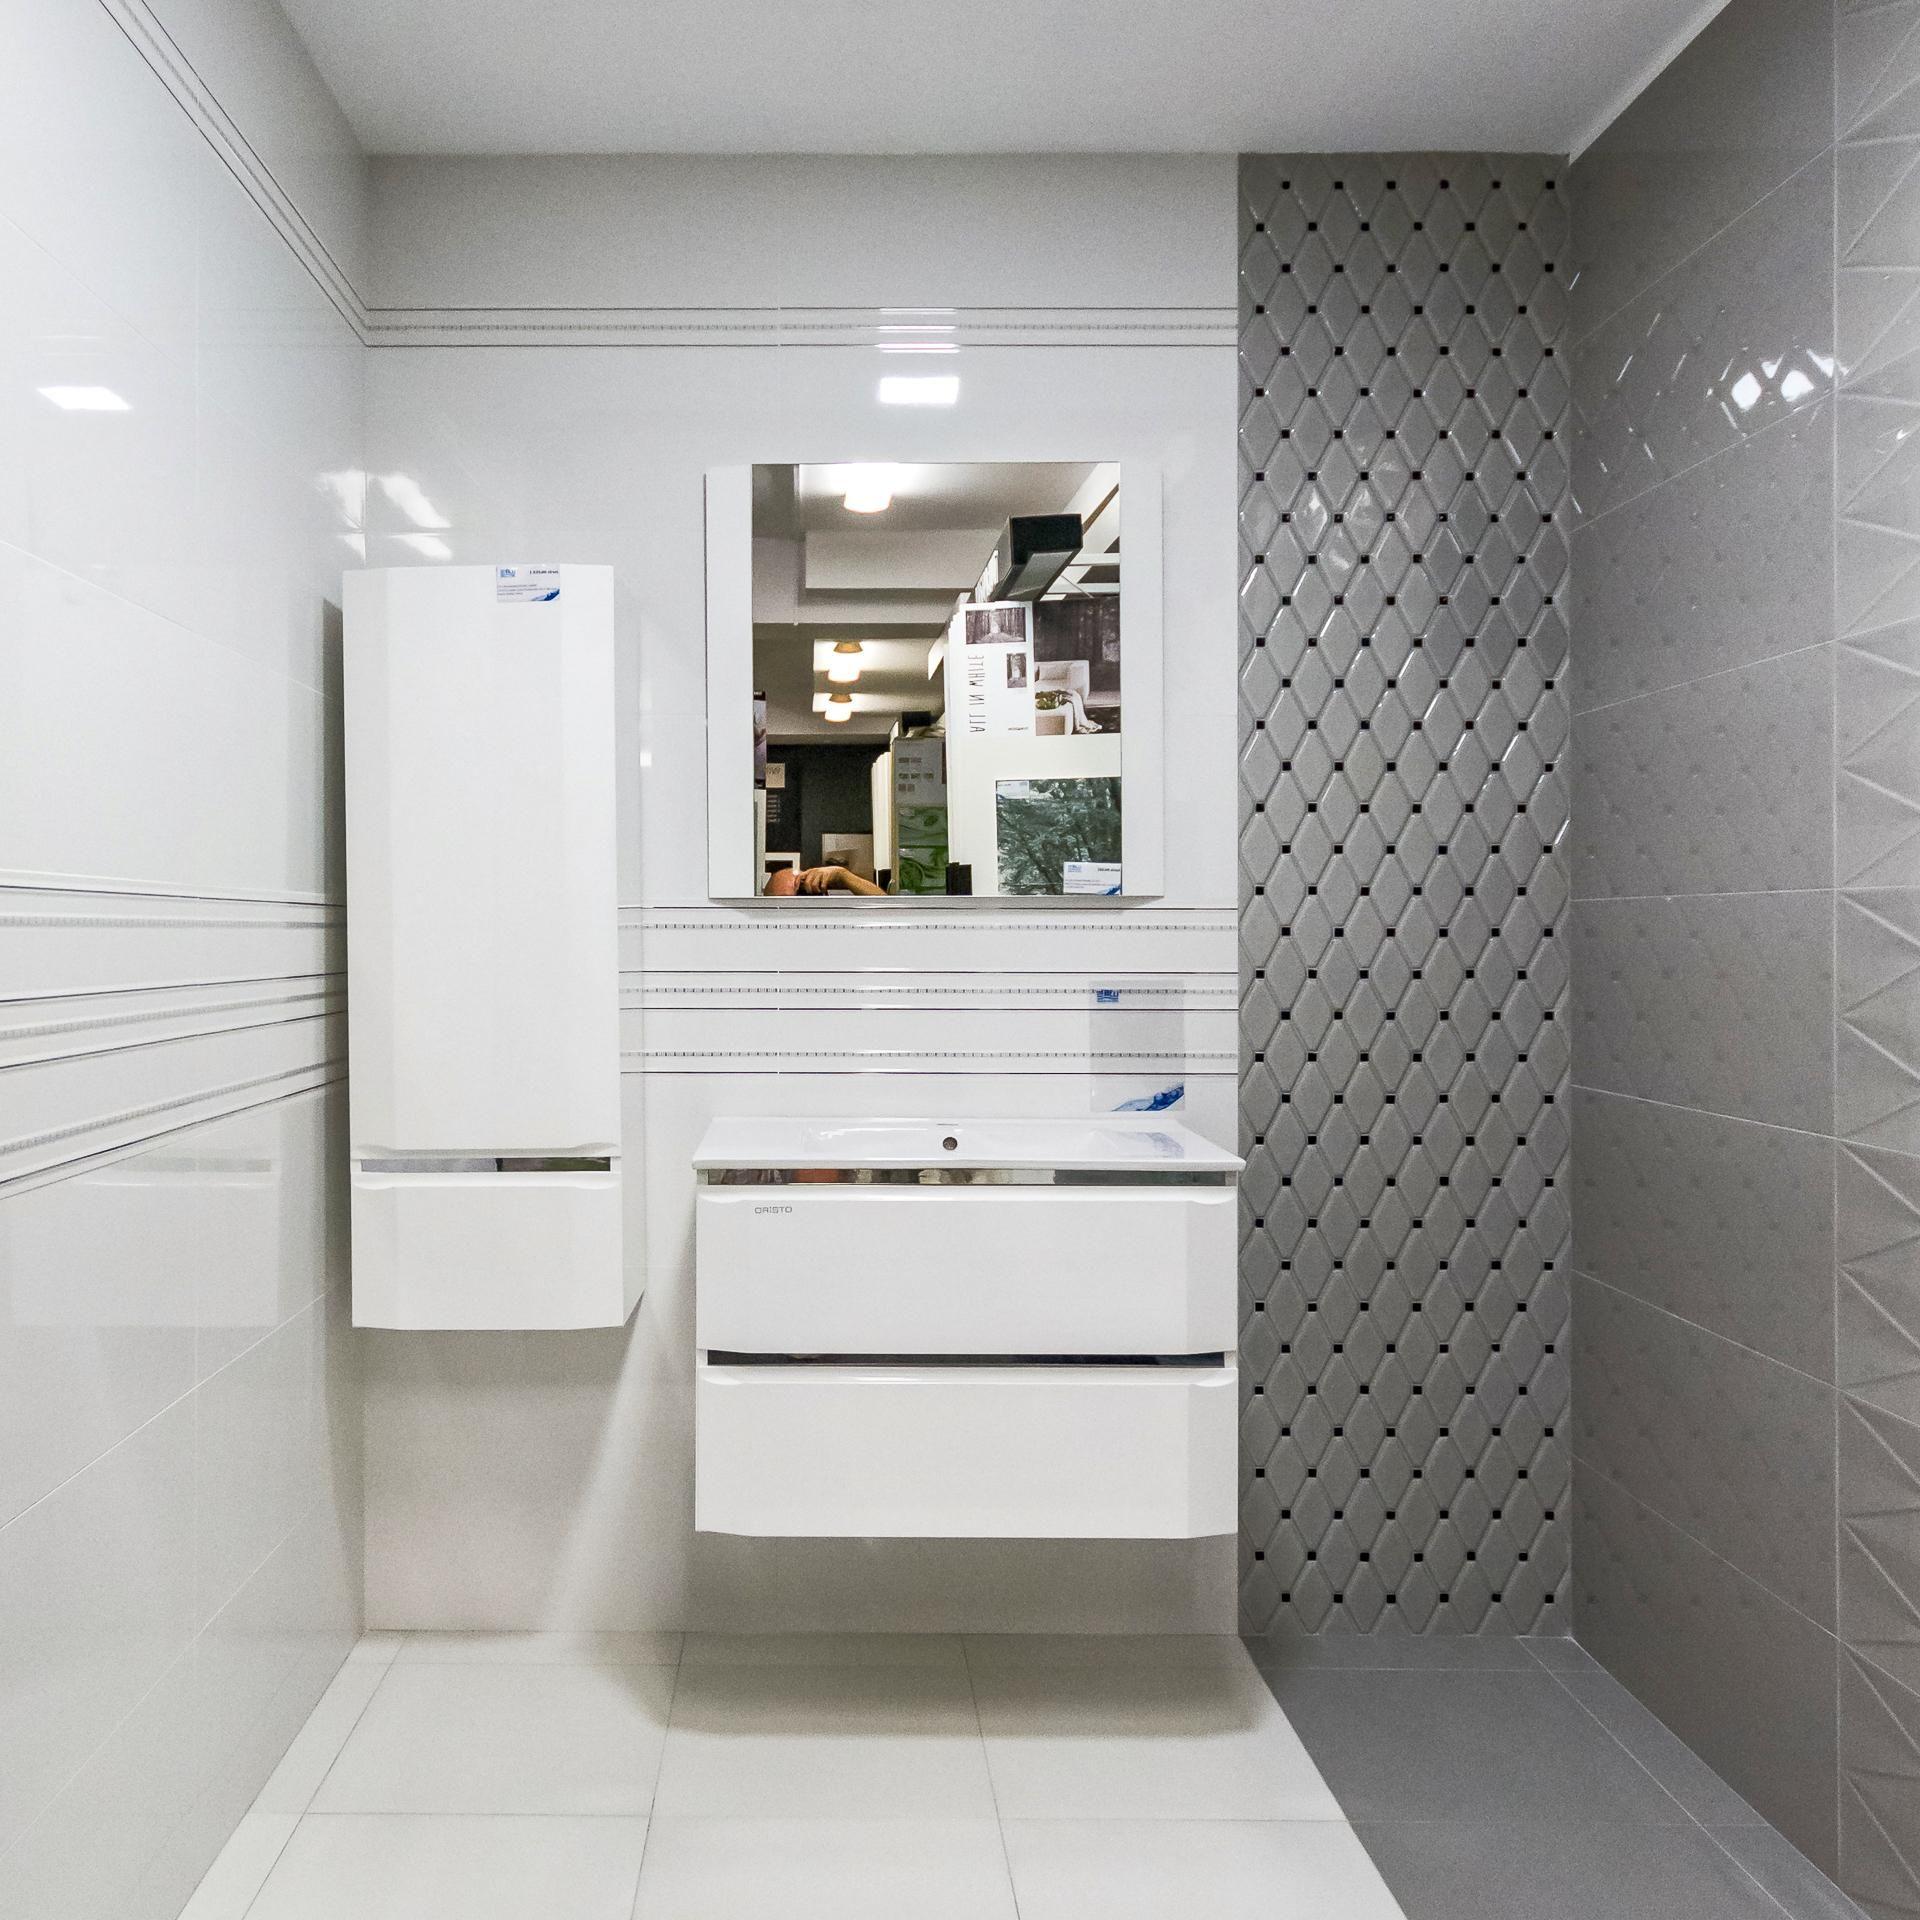 Łazienka w stylu royal | Łazienka, Główne łazienki i Wnętrza